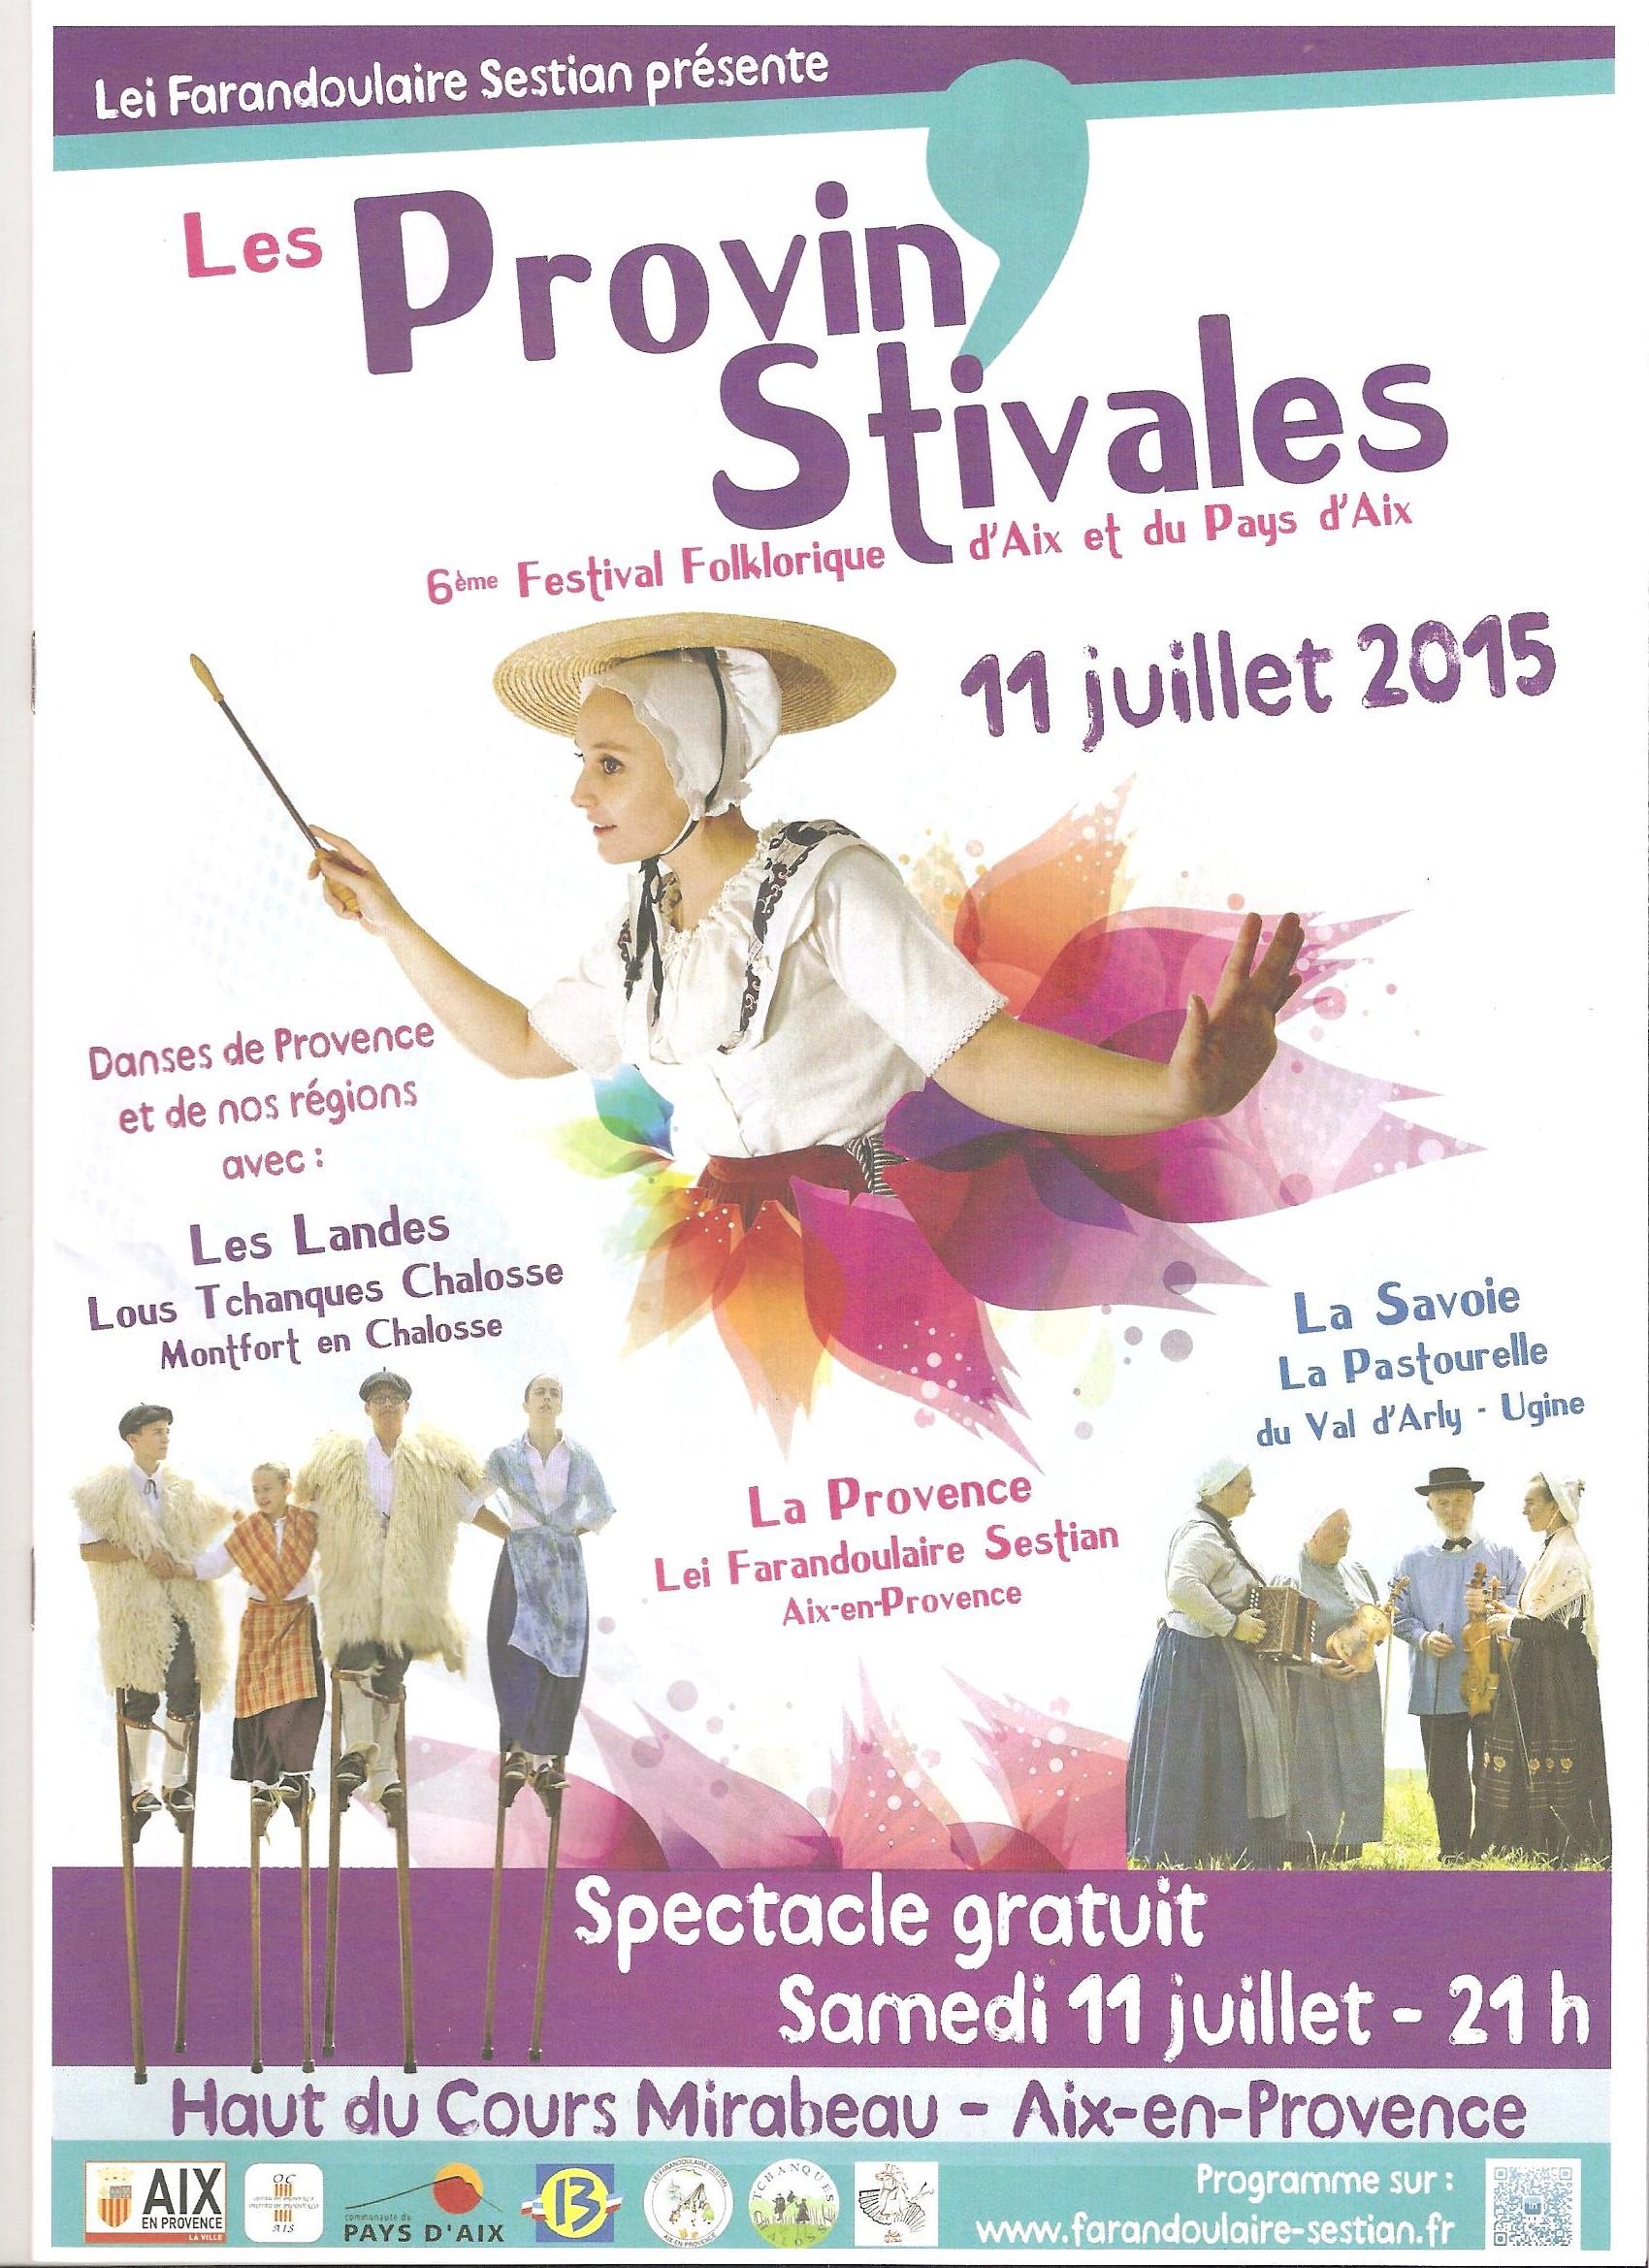 Provin'Stivales Aix en Provence 2015